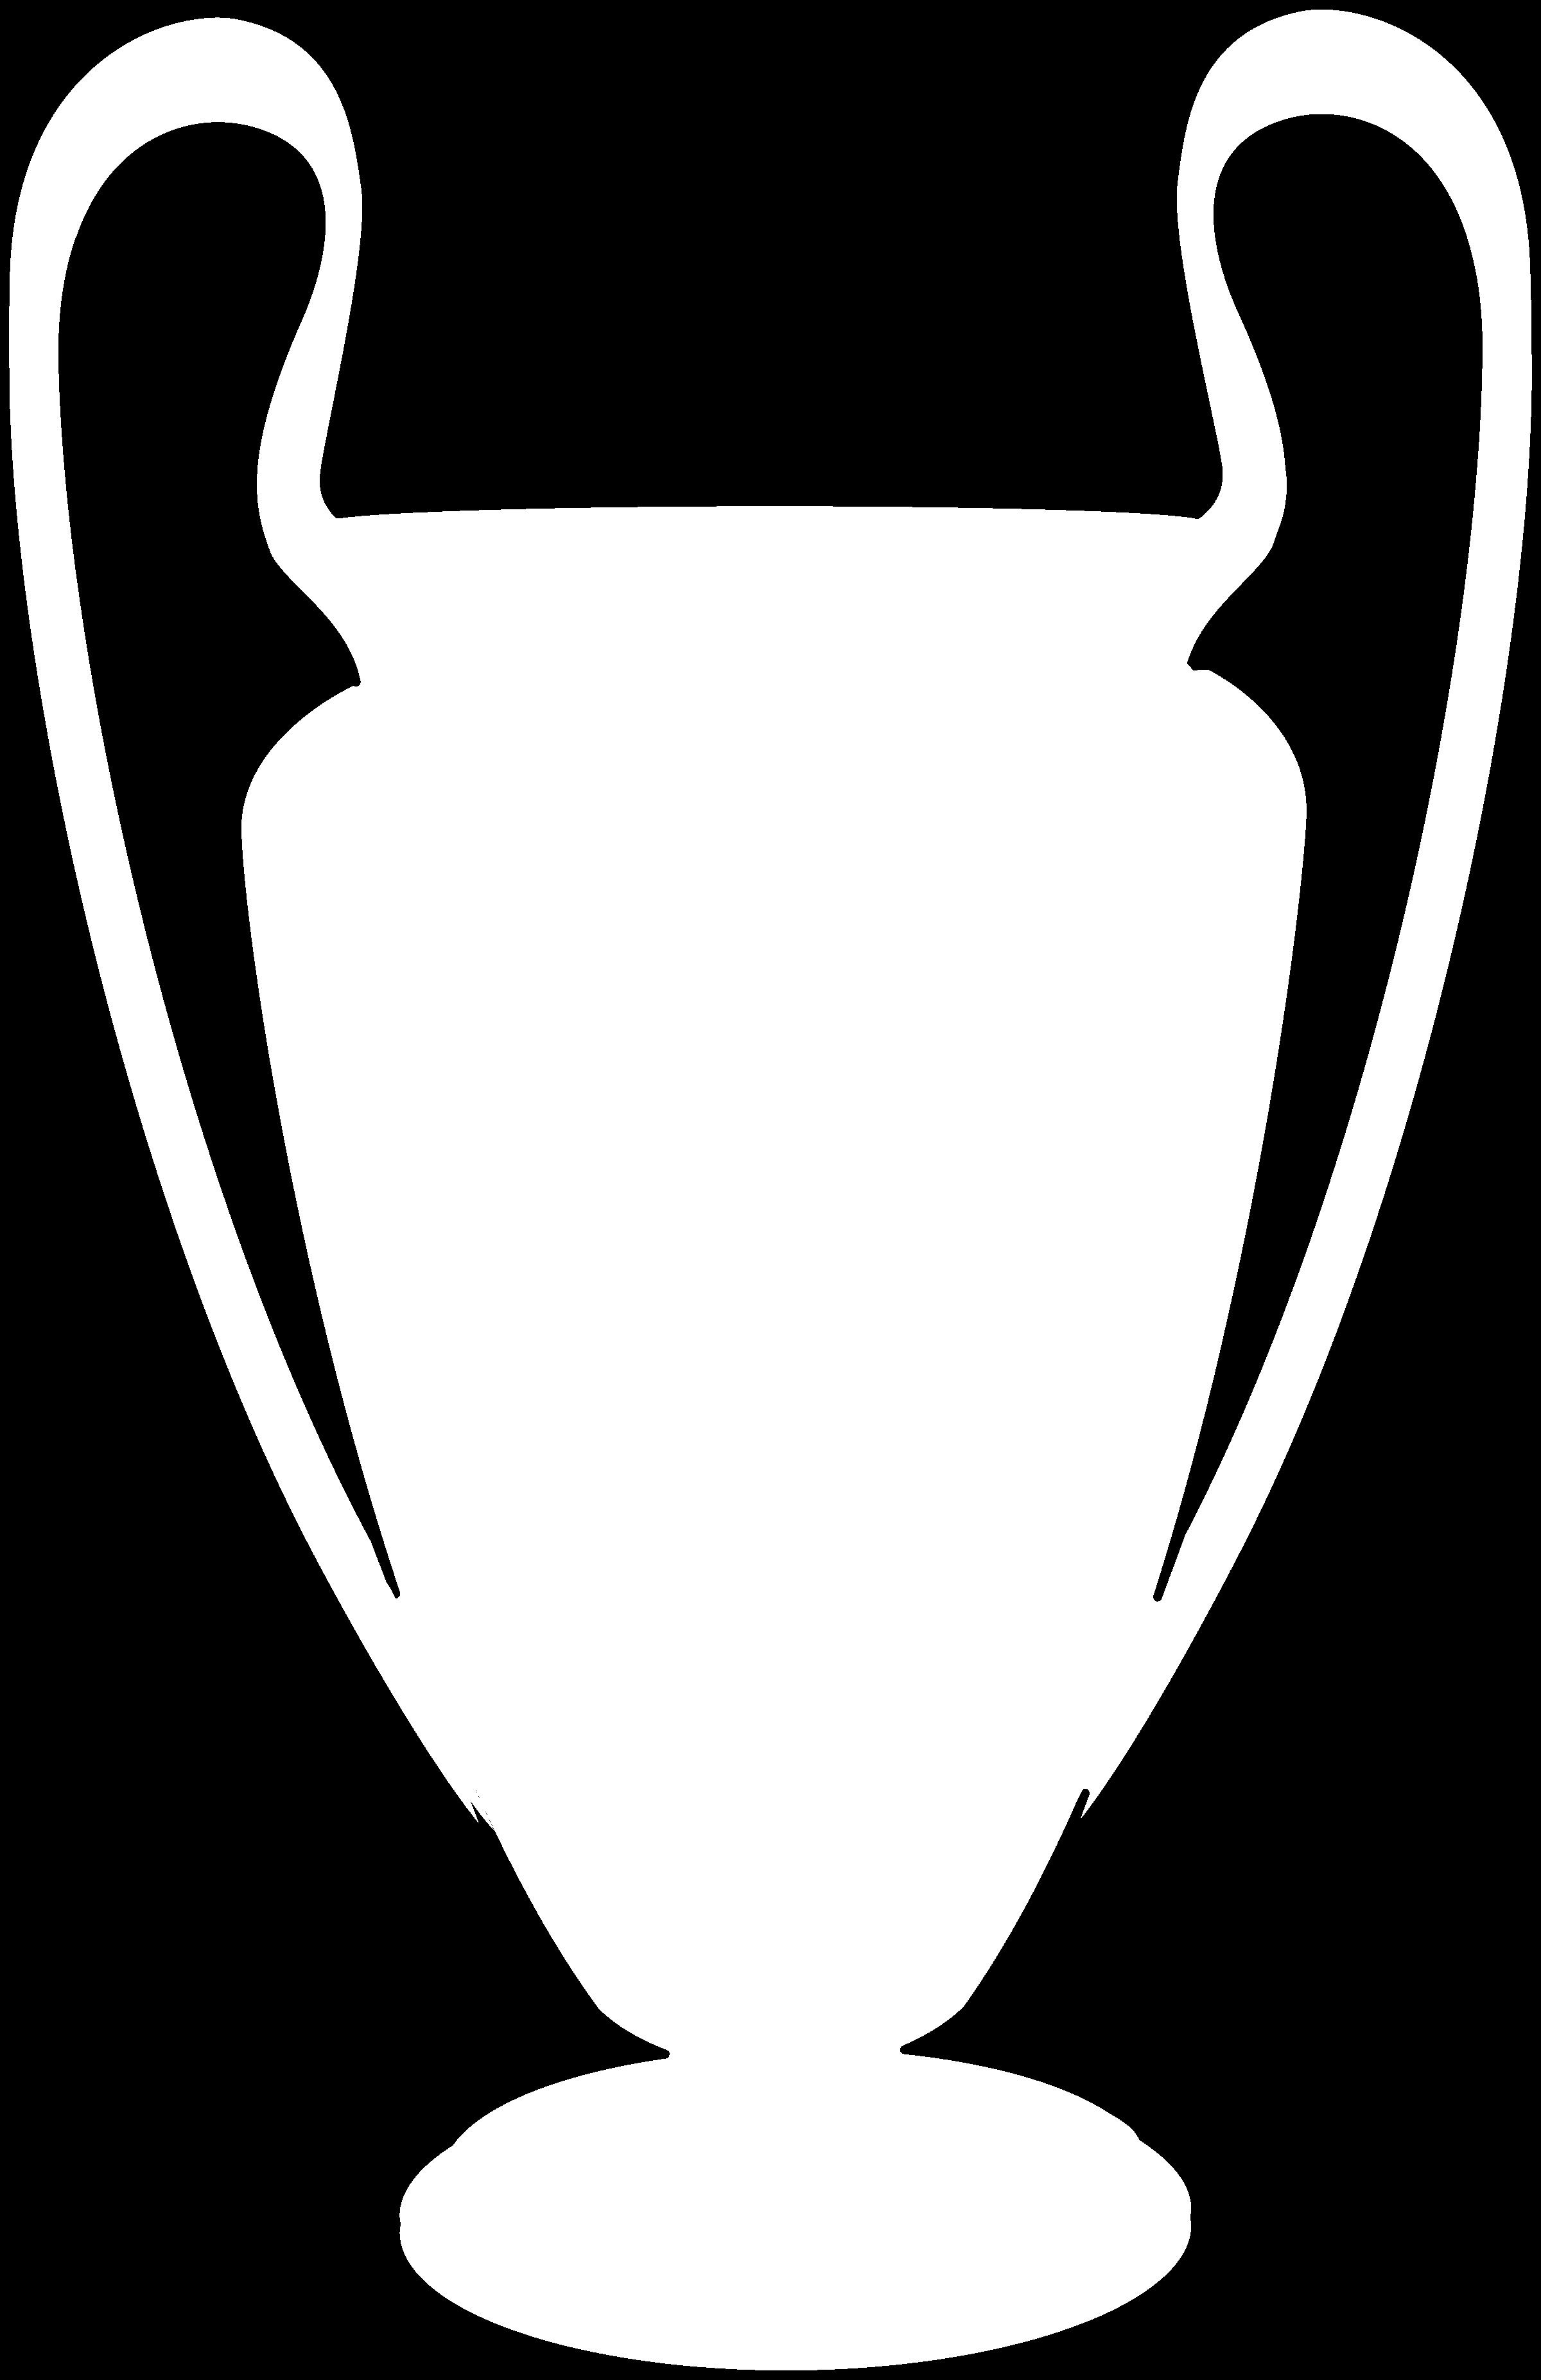 champions league logo png transparent svg vector freebie supply champions league logo png transparent